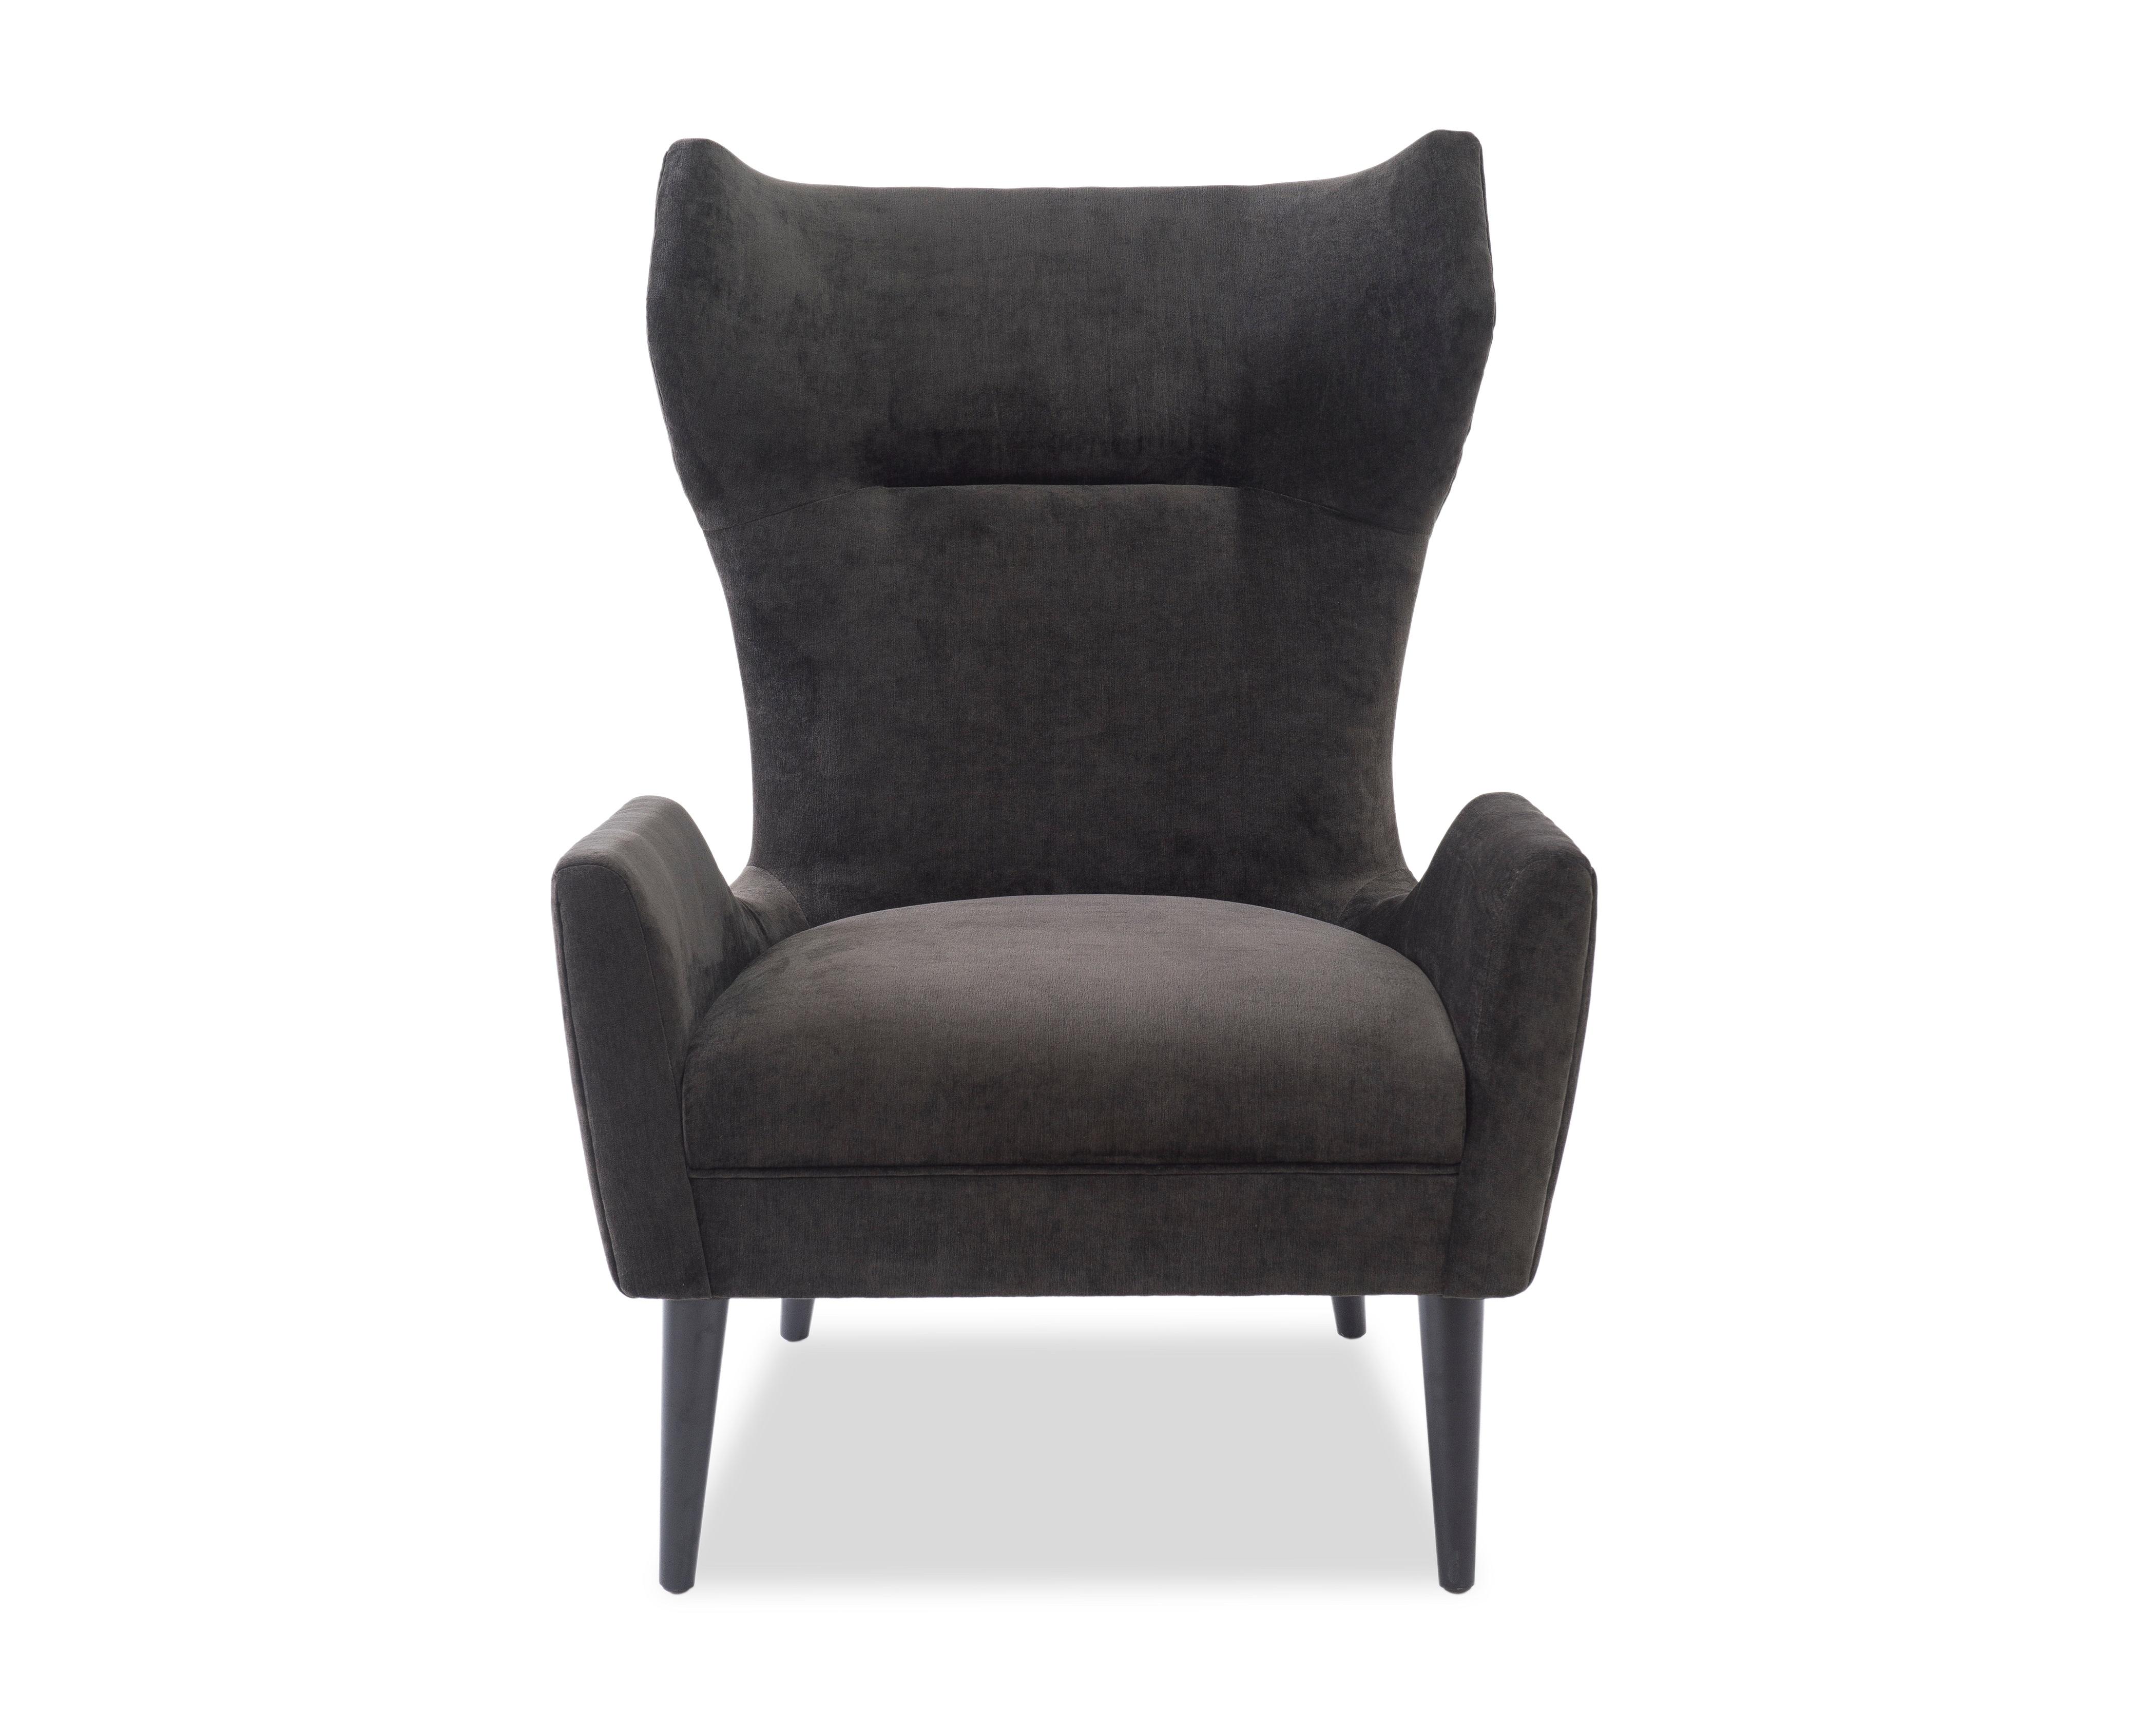 L&E Vendome Occasional Chair – Jet Black Velvet (BH-OCH-019) (1)